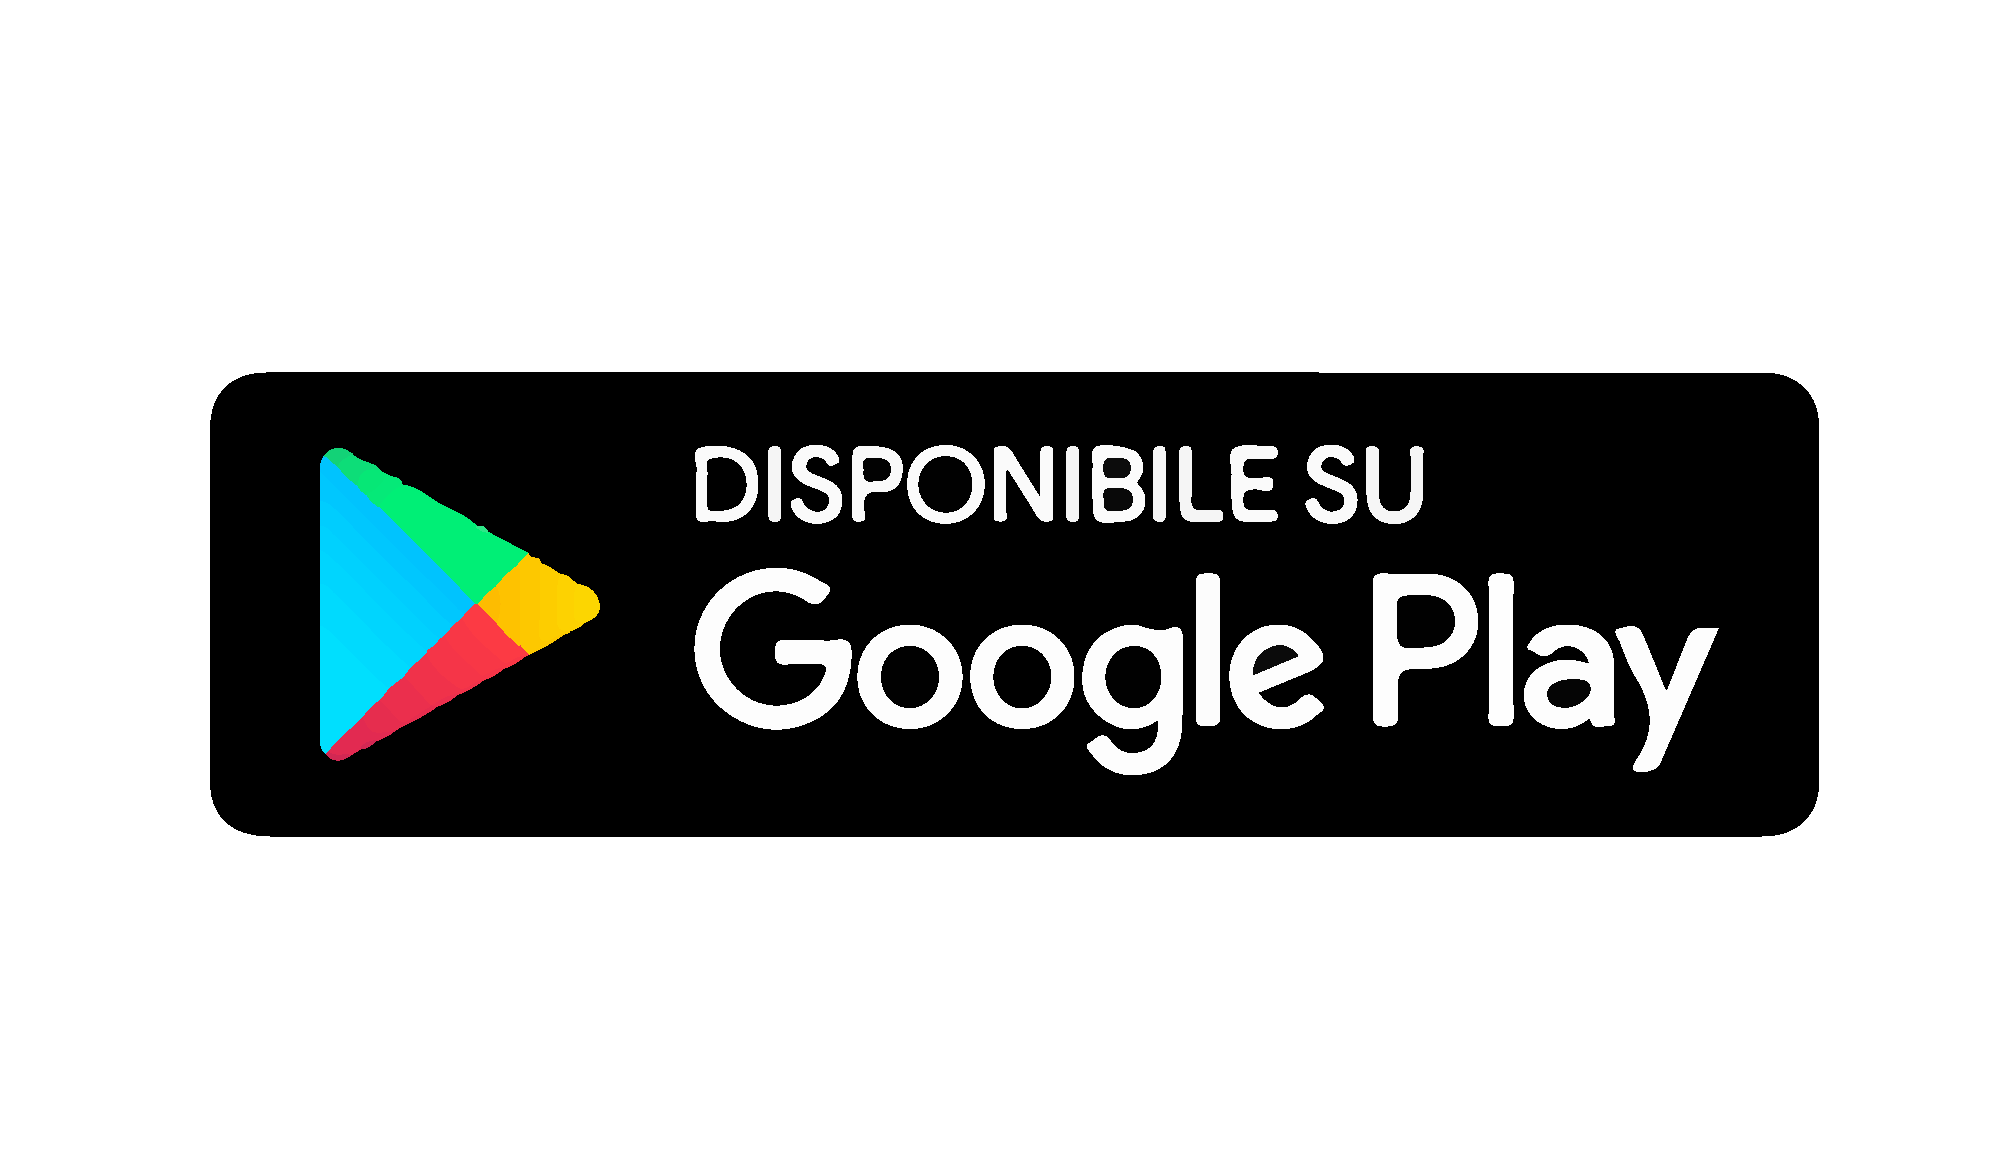 F&B lavoro e formazione - Google Play logo